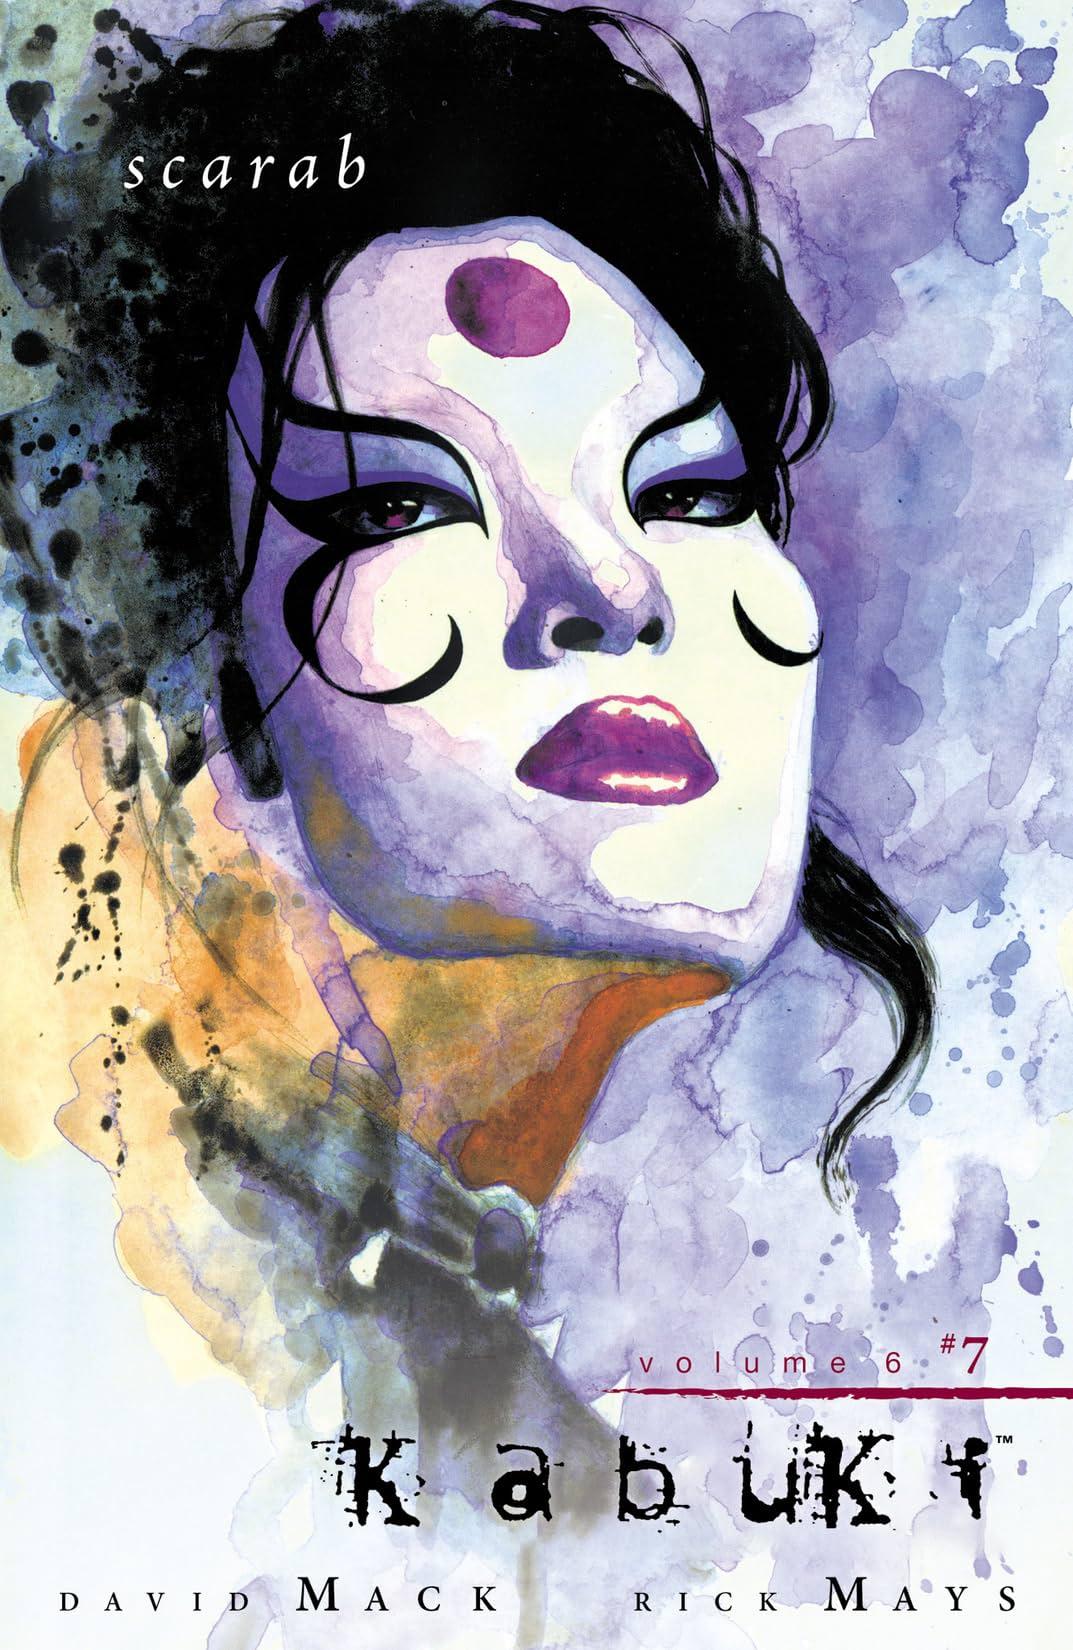 Kabuki vol. 6 #7